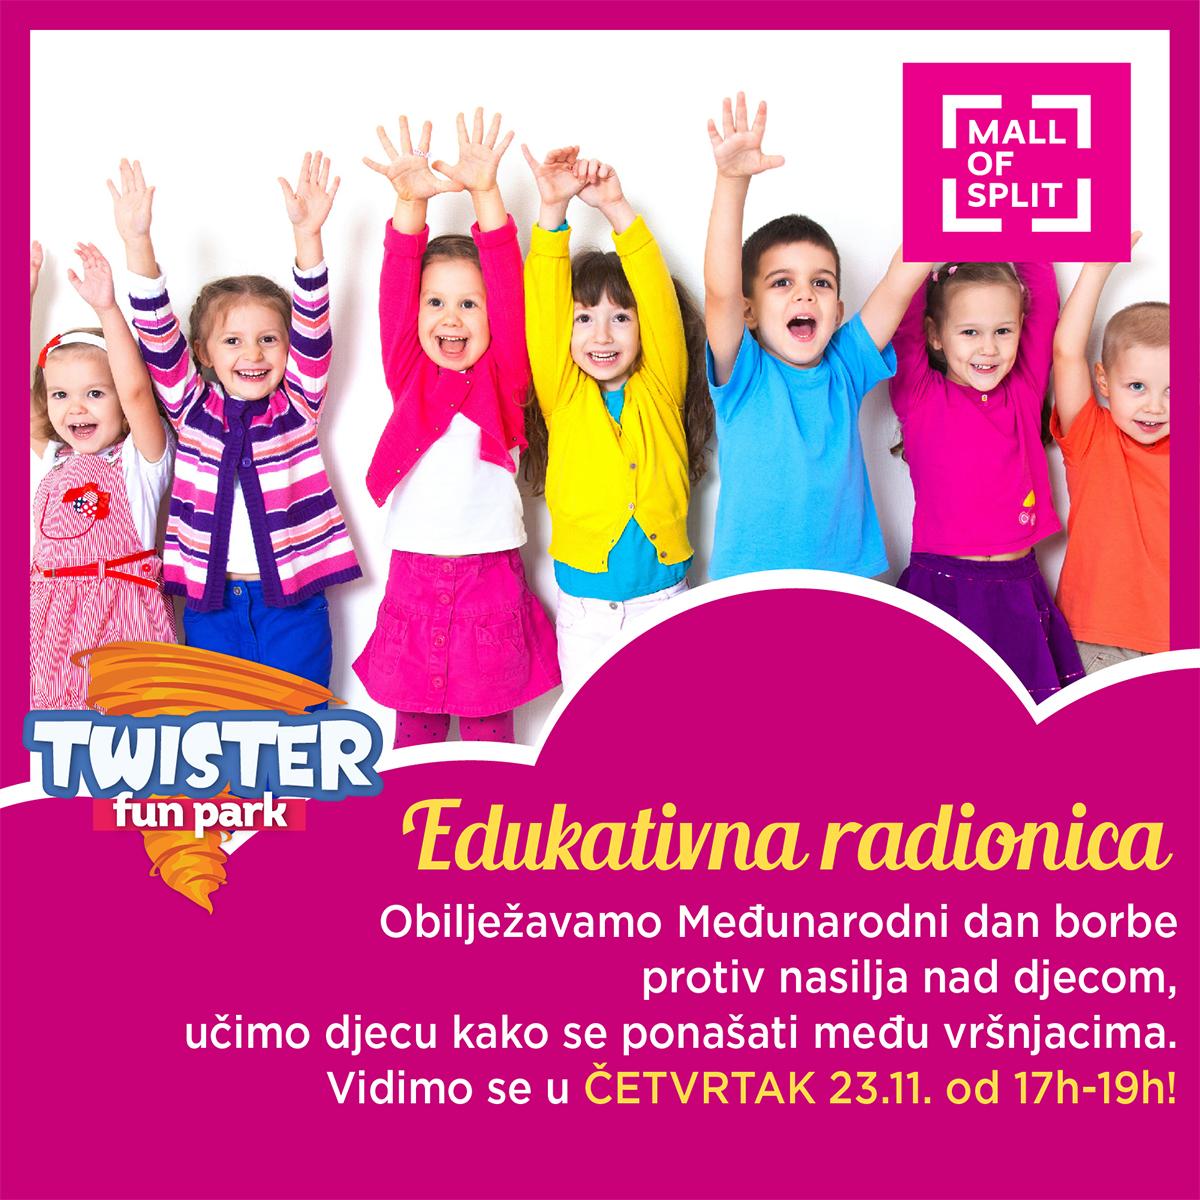 twister split novo edukativna radionica